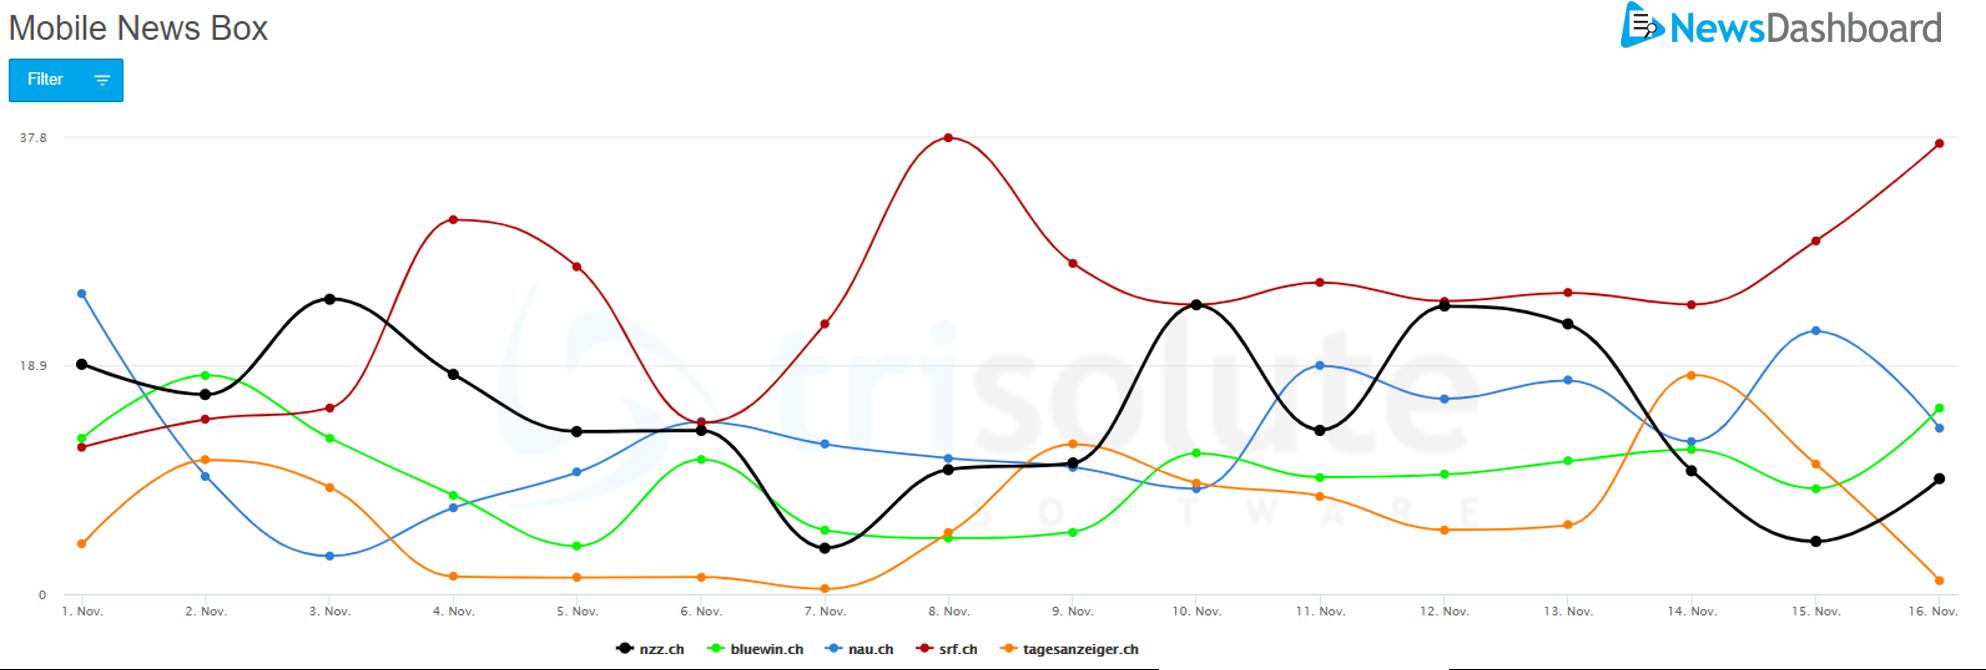 Sichtbarkeit der mobilen News Box für die allgemeinen US Wahl Keywords in der Schweiz